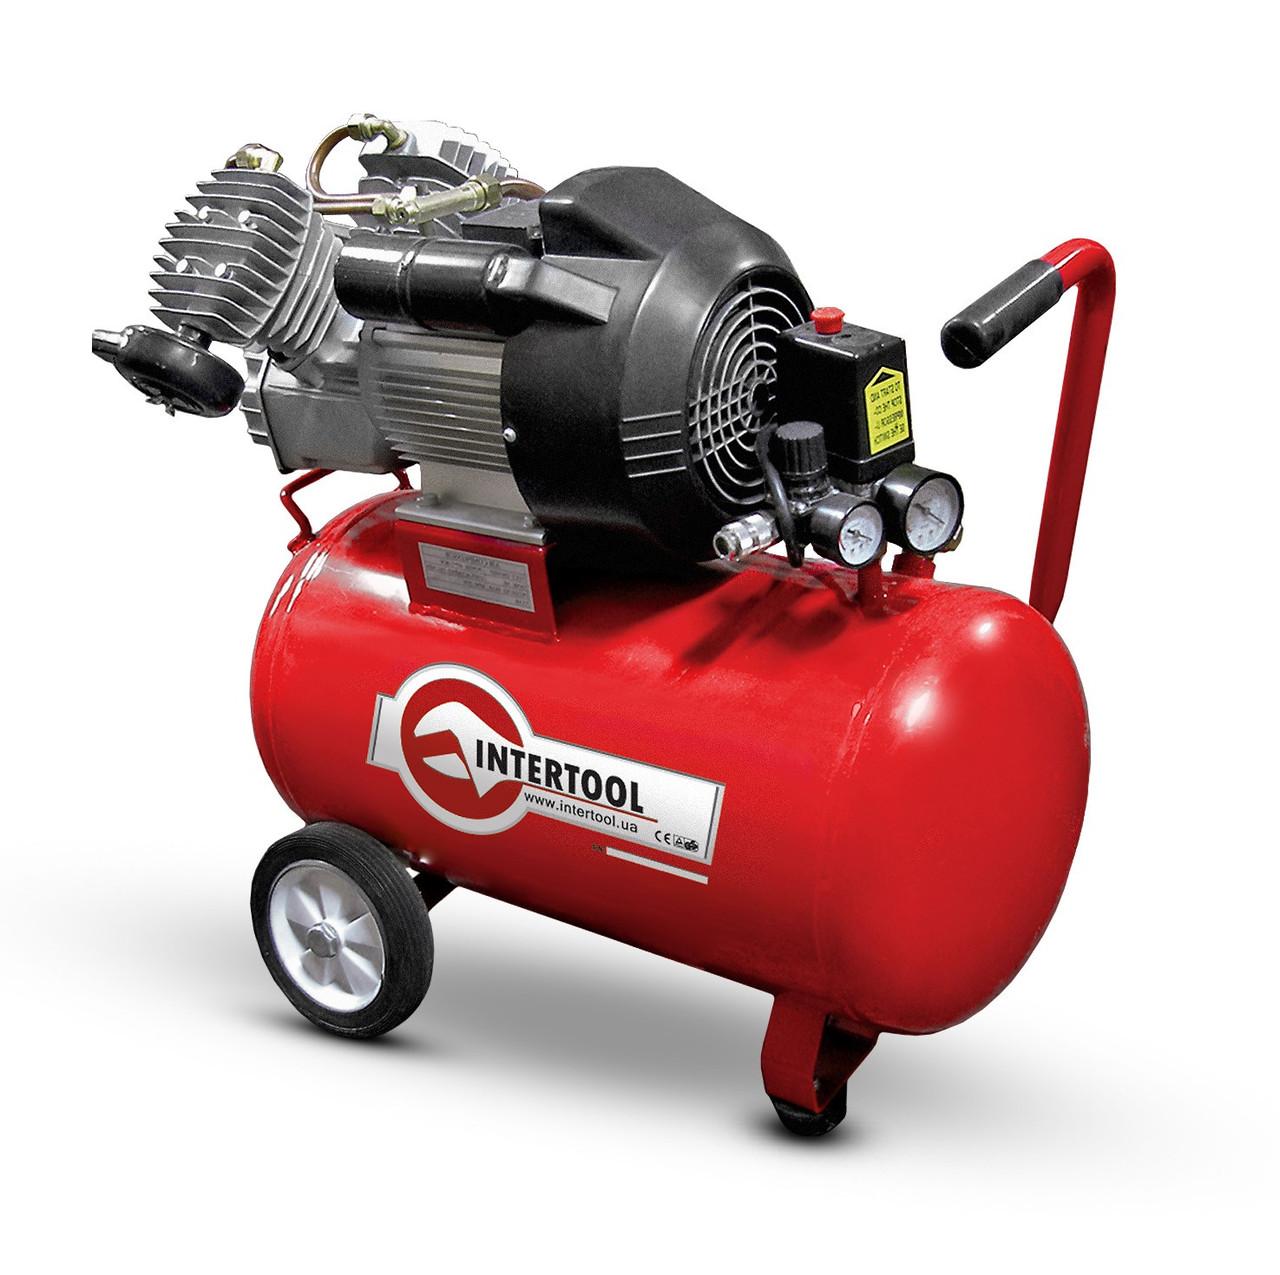 Компрессор 50 л, 3 кВт, 220 В, 8 атм, 420 л/мин, 2 цилиндра. INTERTOOL PT-0007